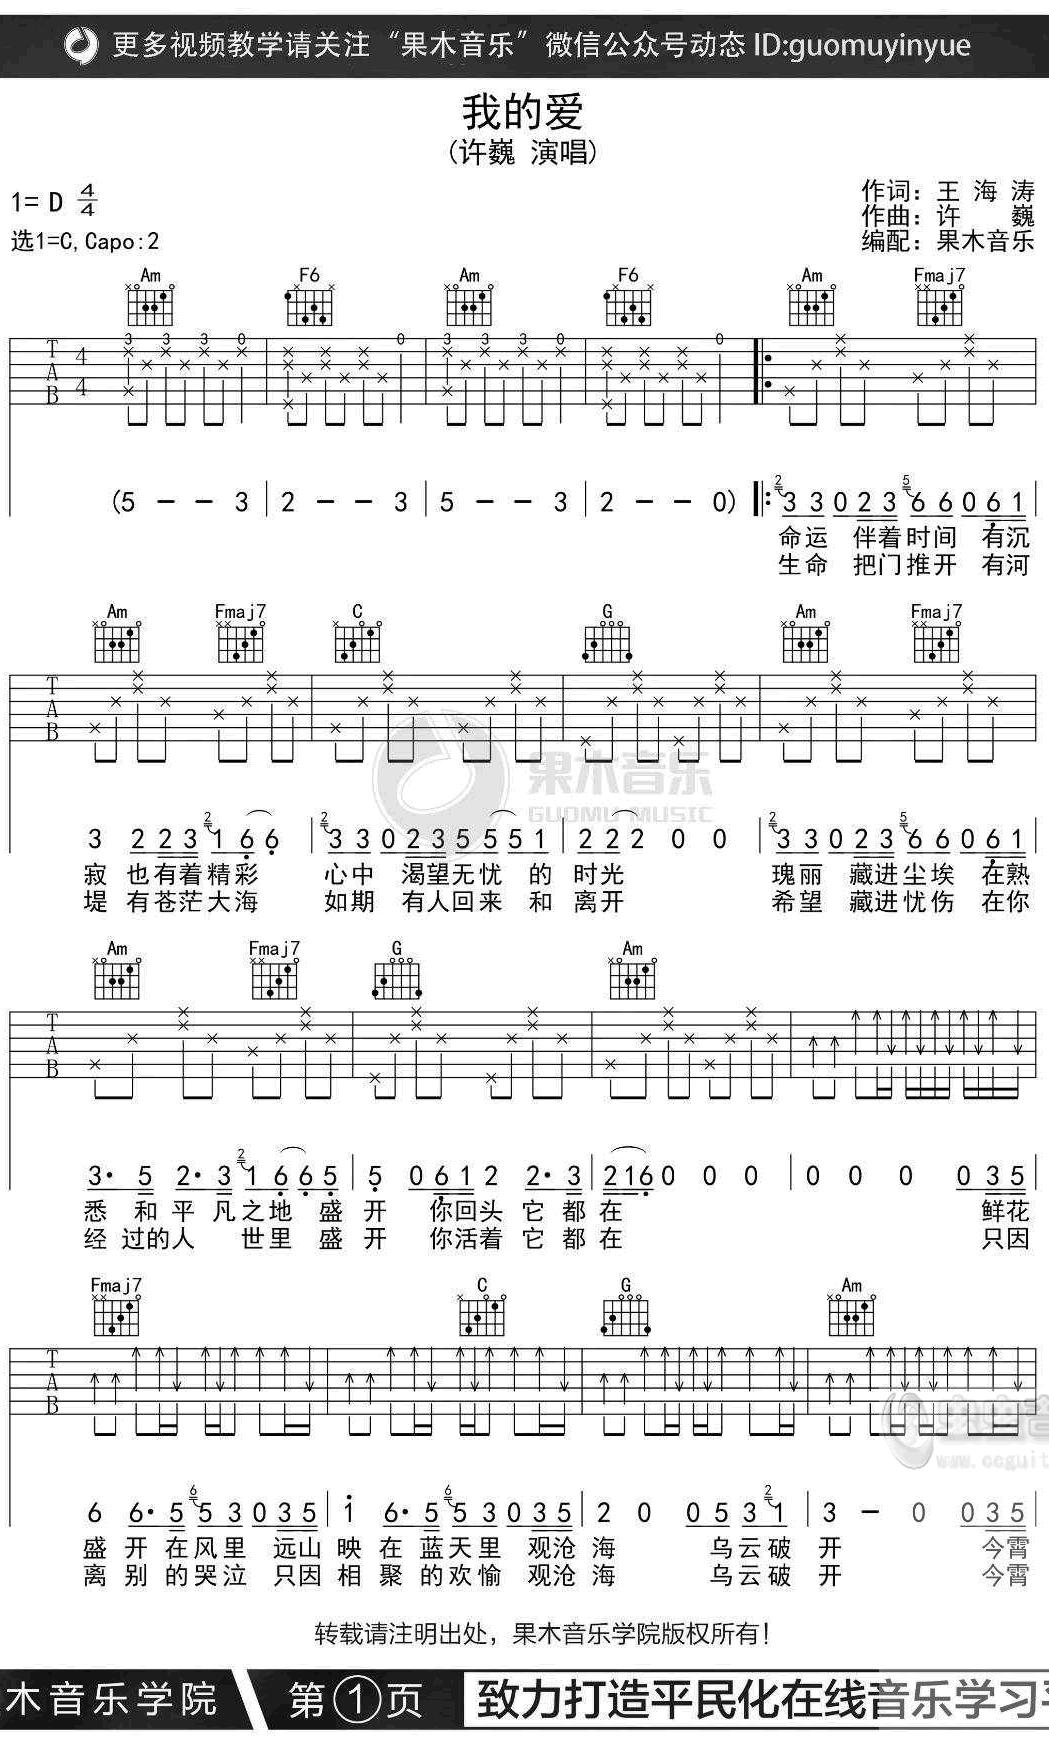 我的愛-許巍-图片吉他谱-1